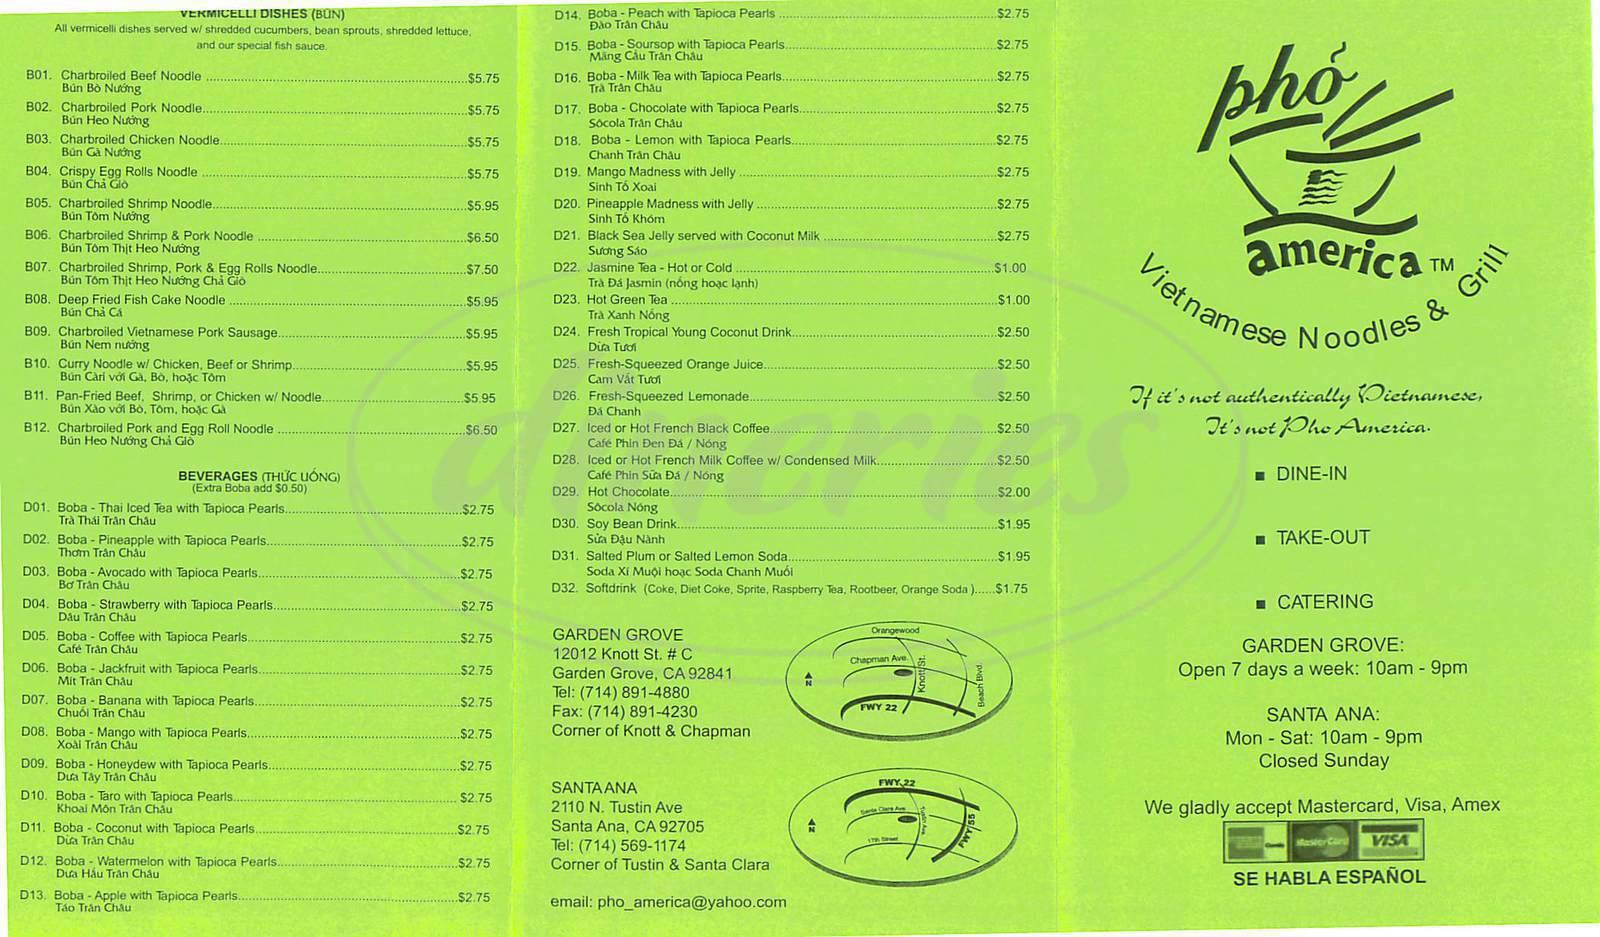 menu for Pho America